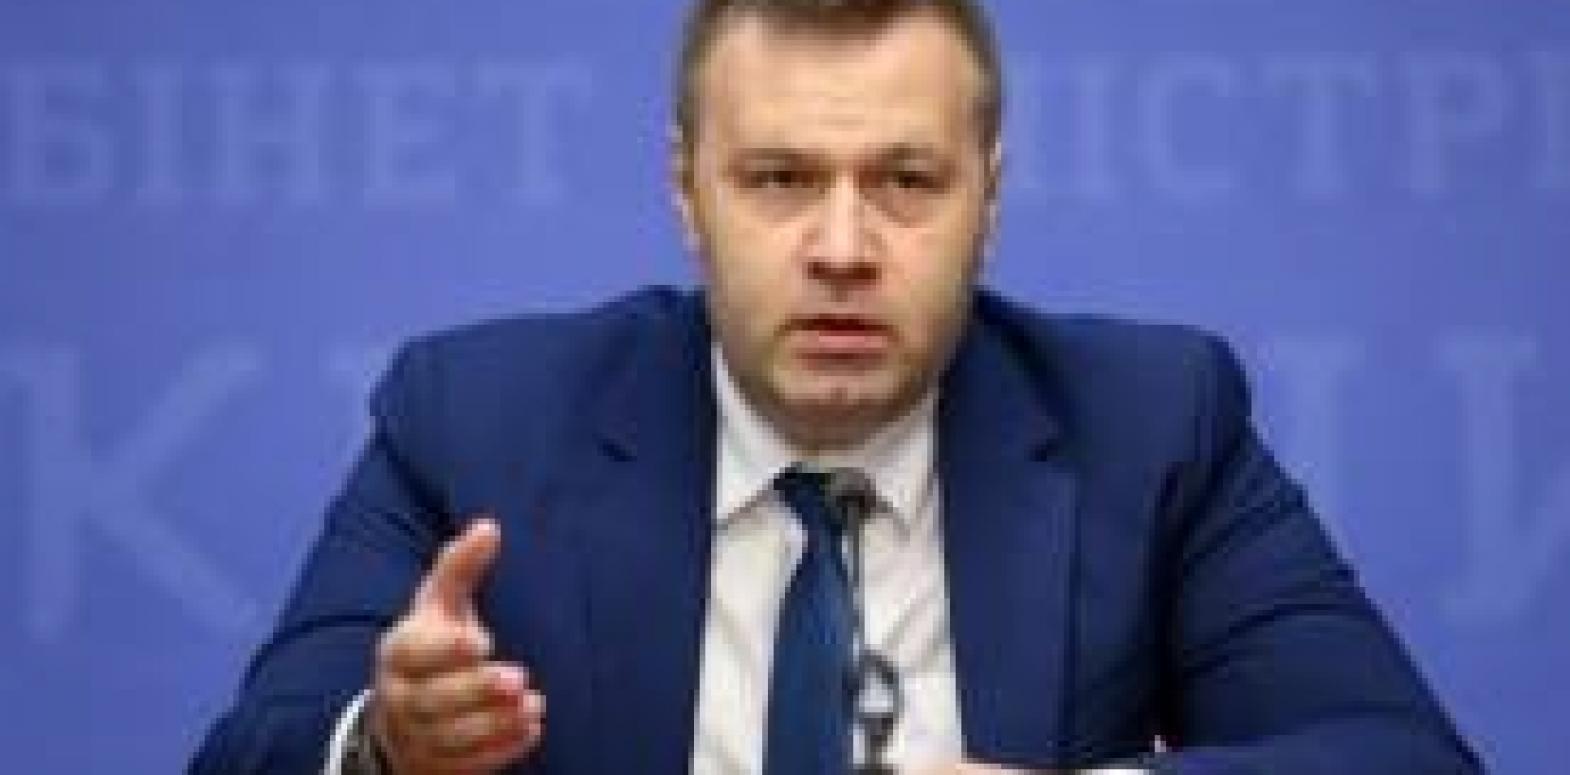 Благодаря российскому транзиту цены на газ для украинцев могут быть снижены, - Оржель